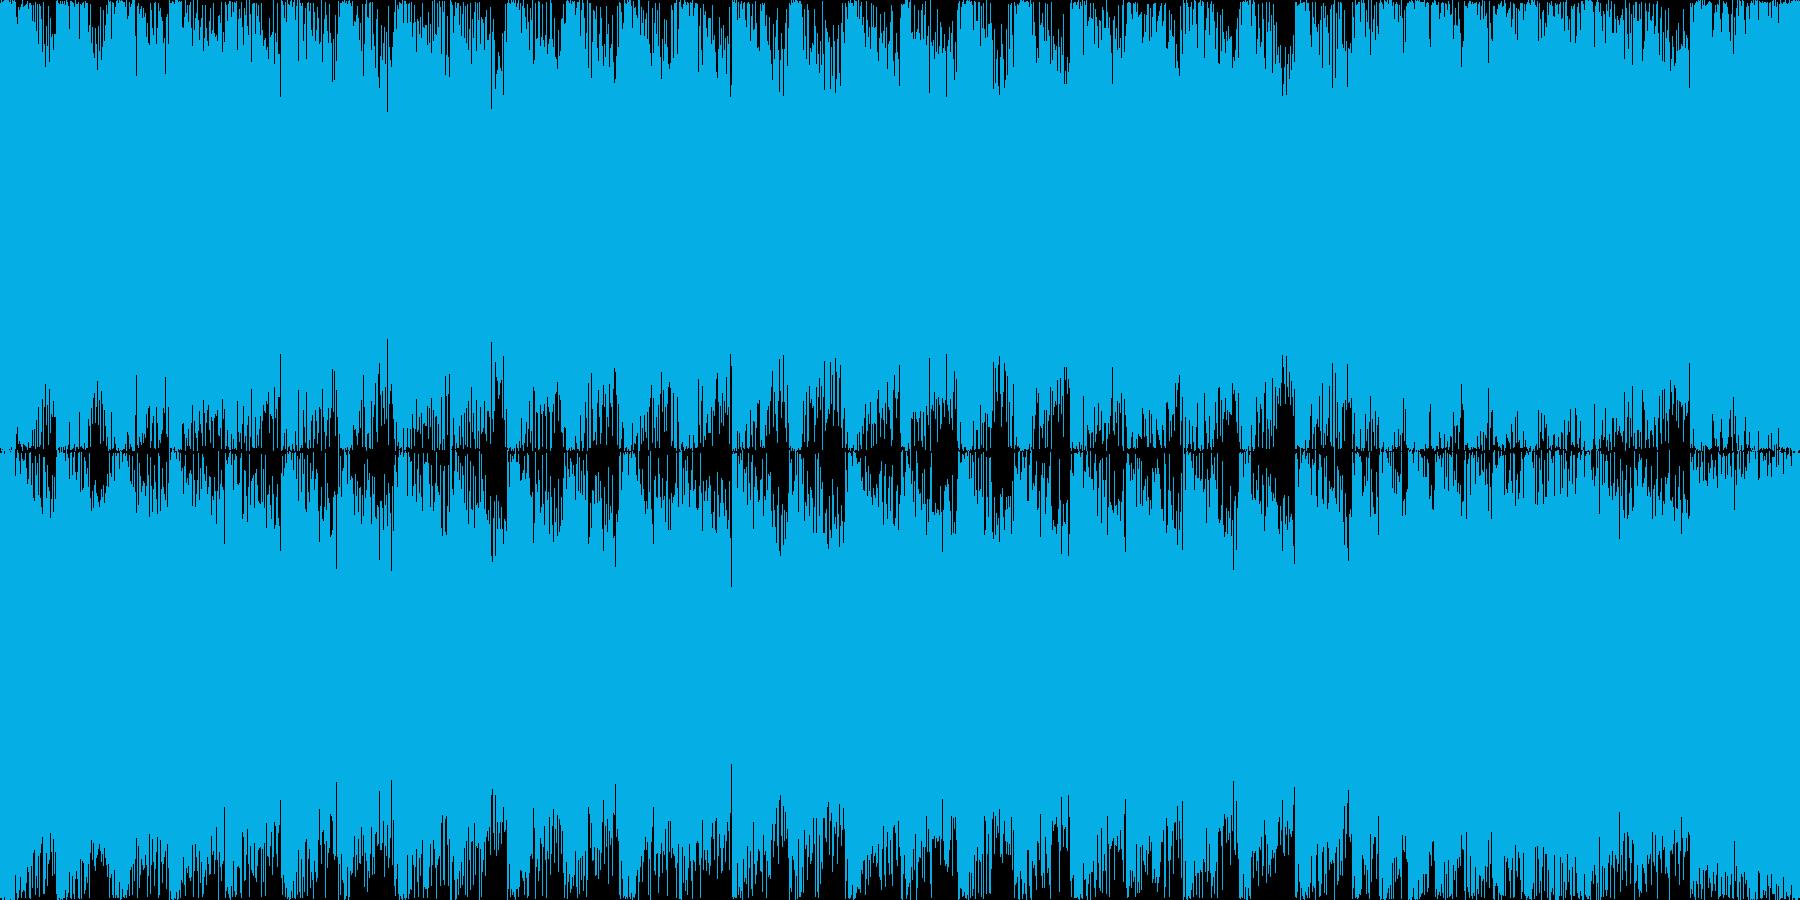 【ループF】ヘヴィーで攻撃的エレキギターの再生済みの波形